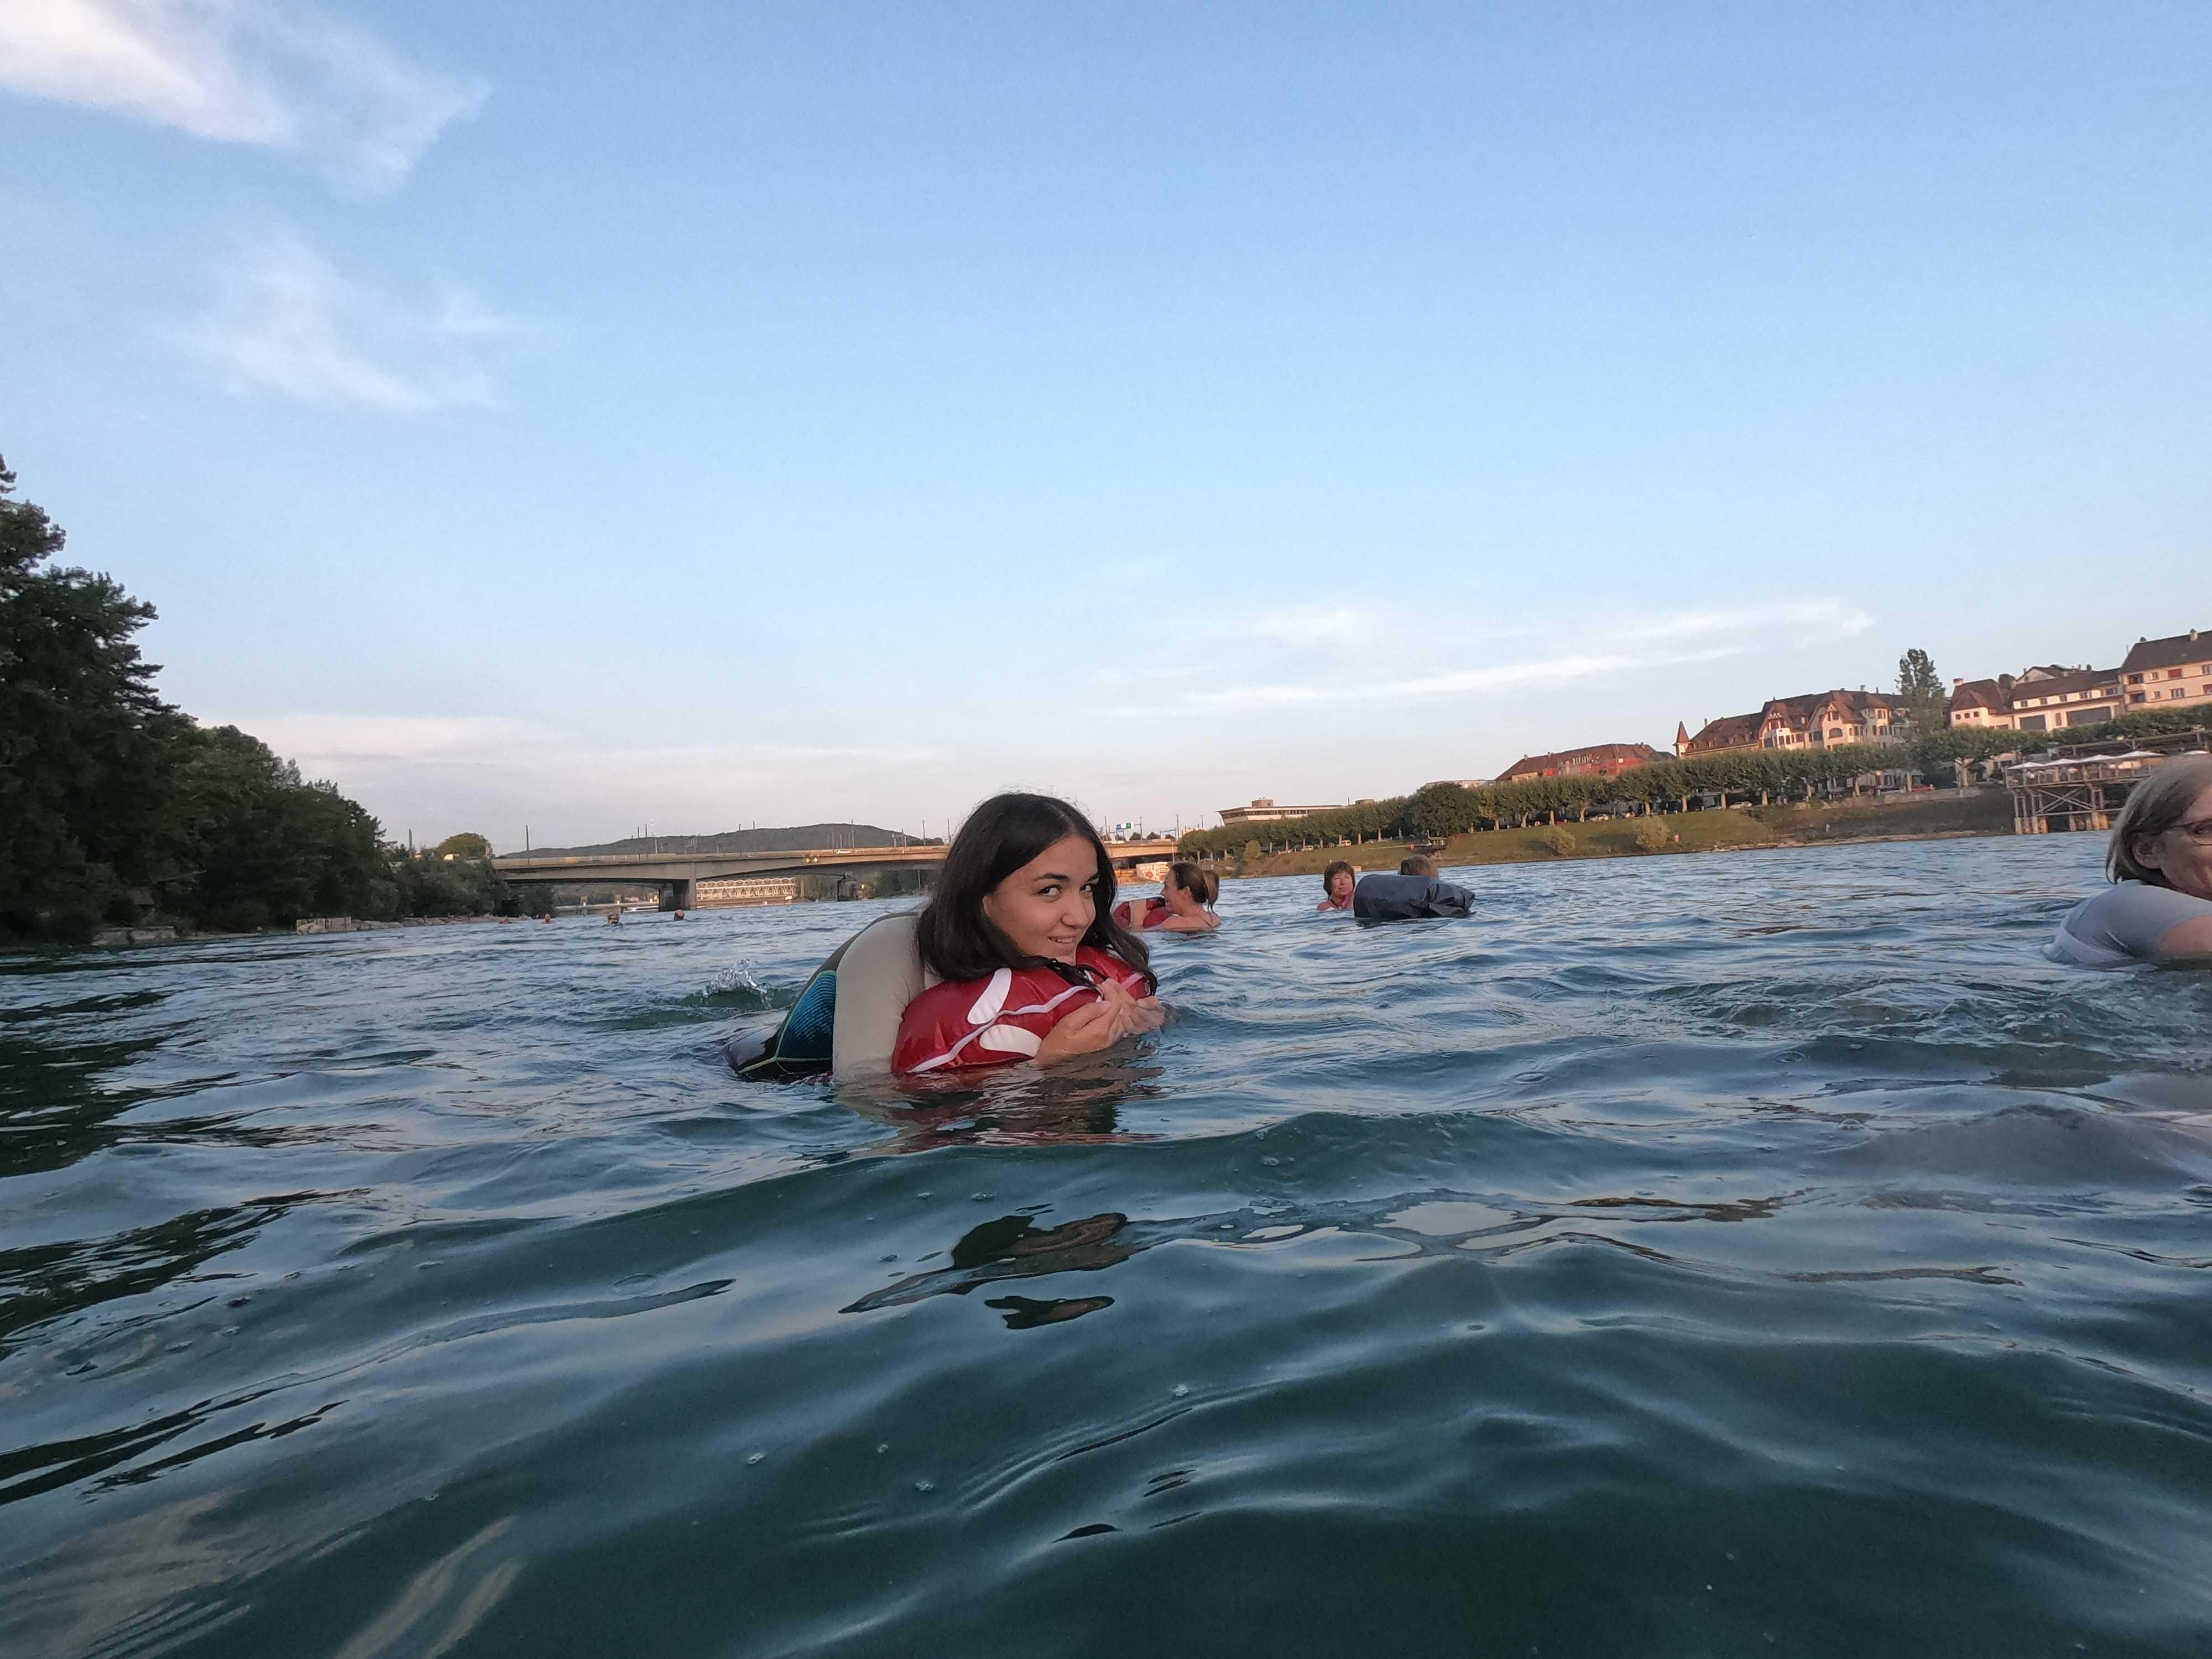 201908_CPS_Sortie RheinSchwimmen_003